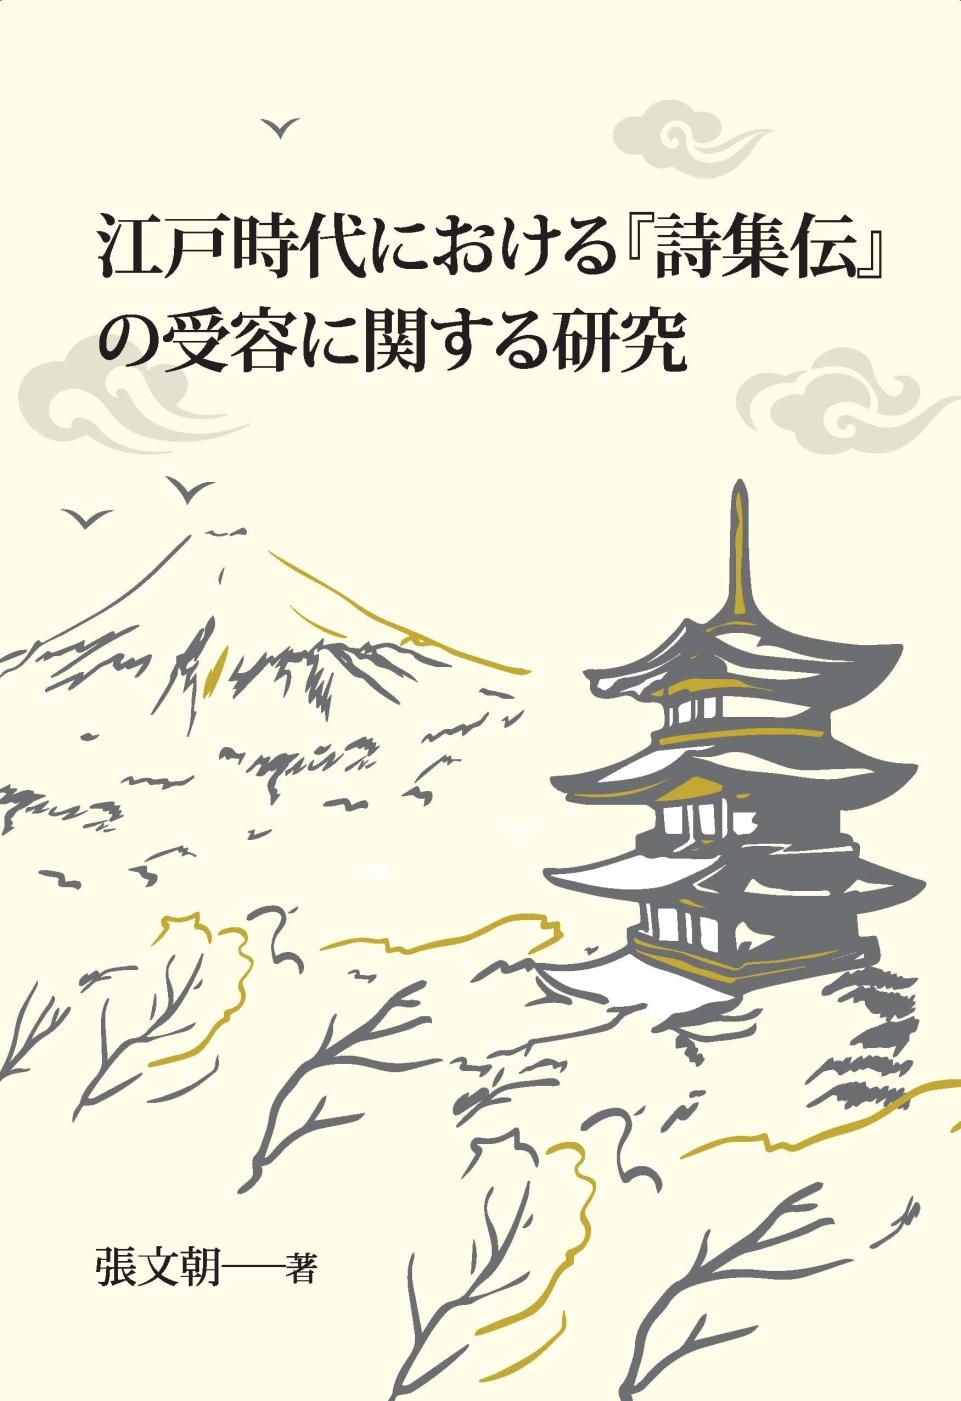 江戸時代における『詩集伝』の受容に関する研究